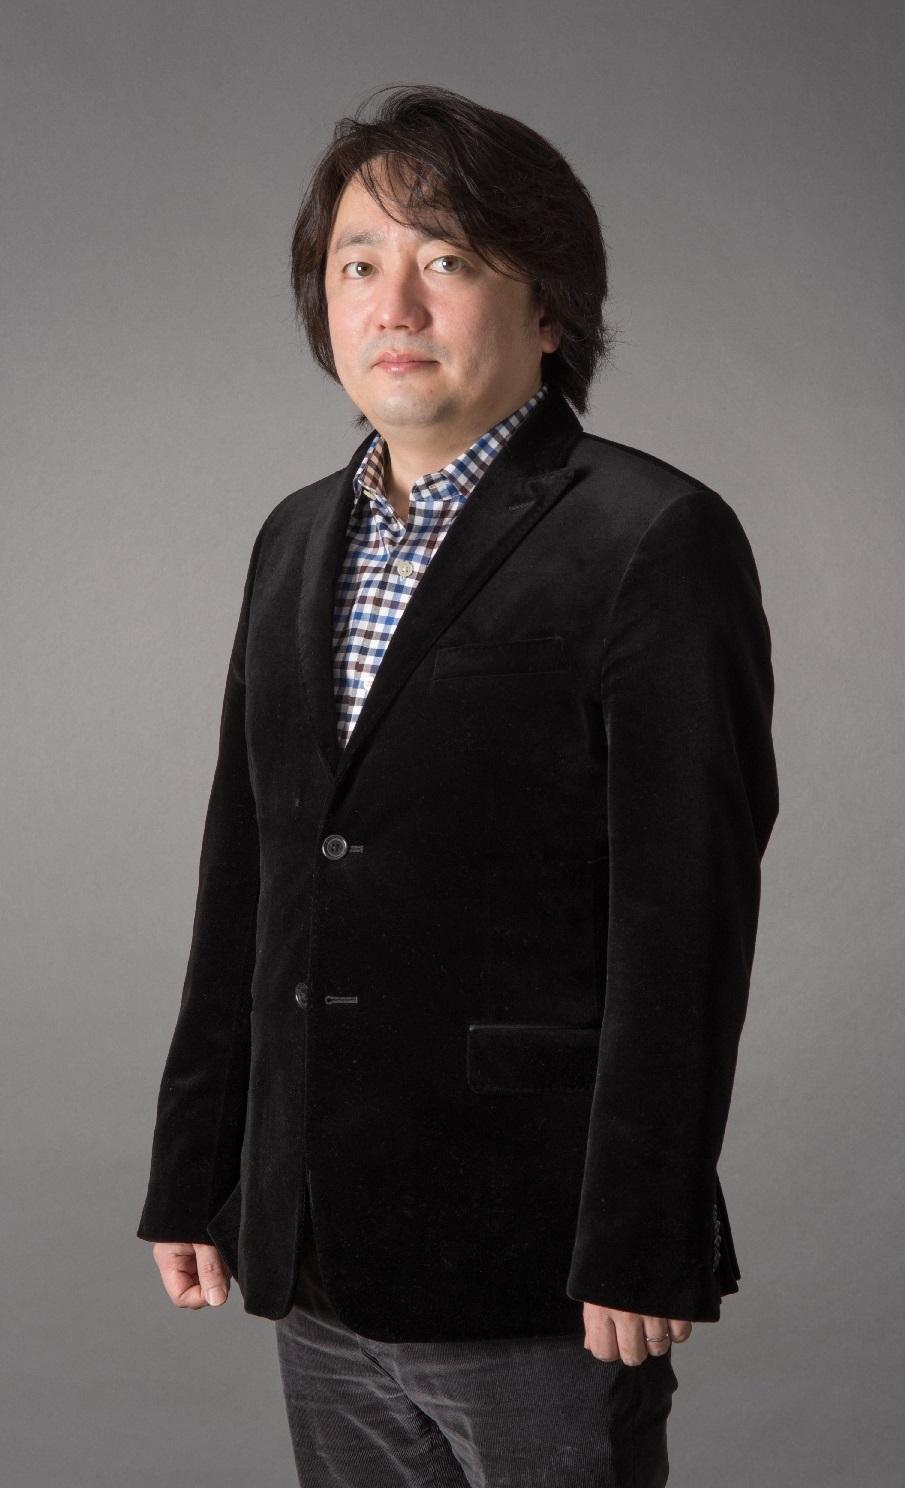 新アニメ『爆釣バーハンター』が2018年秋より放送開始! 広橋涼さん、内山夕実さん、斎賀みつきさん、根本幸多さんが出演!